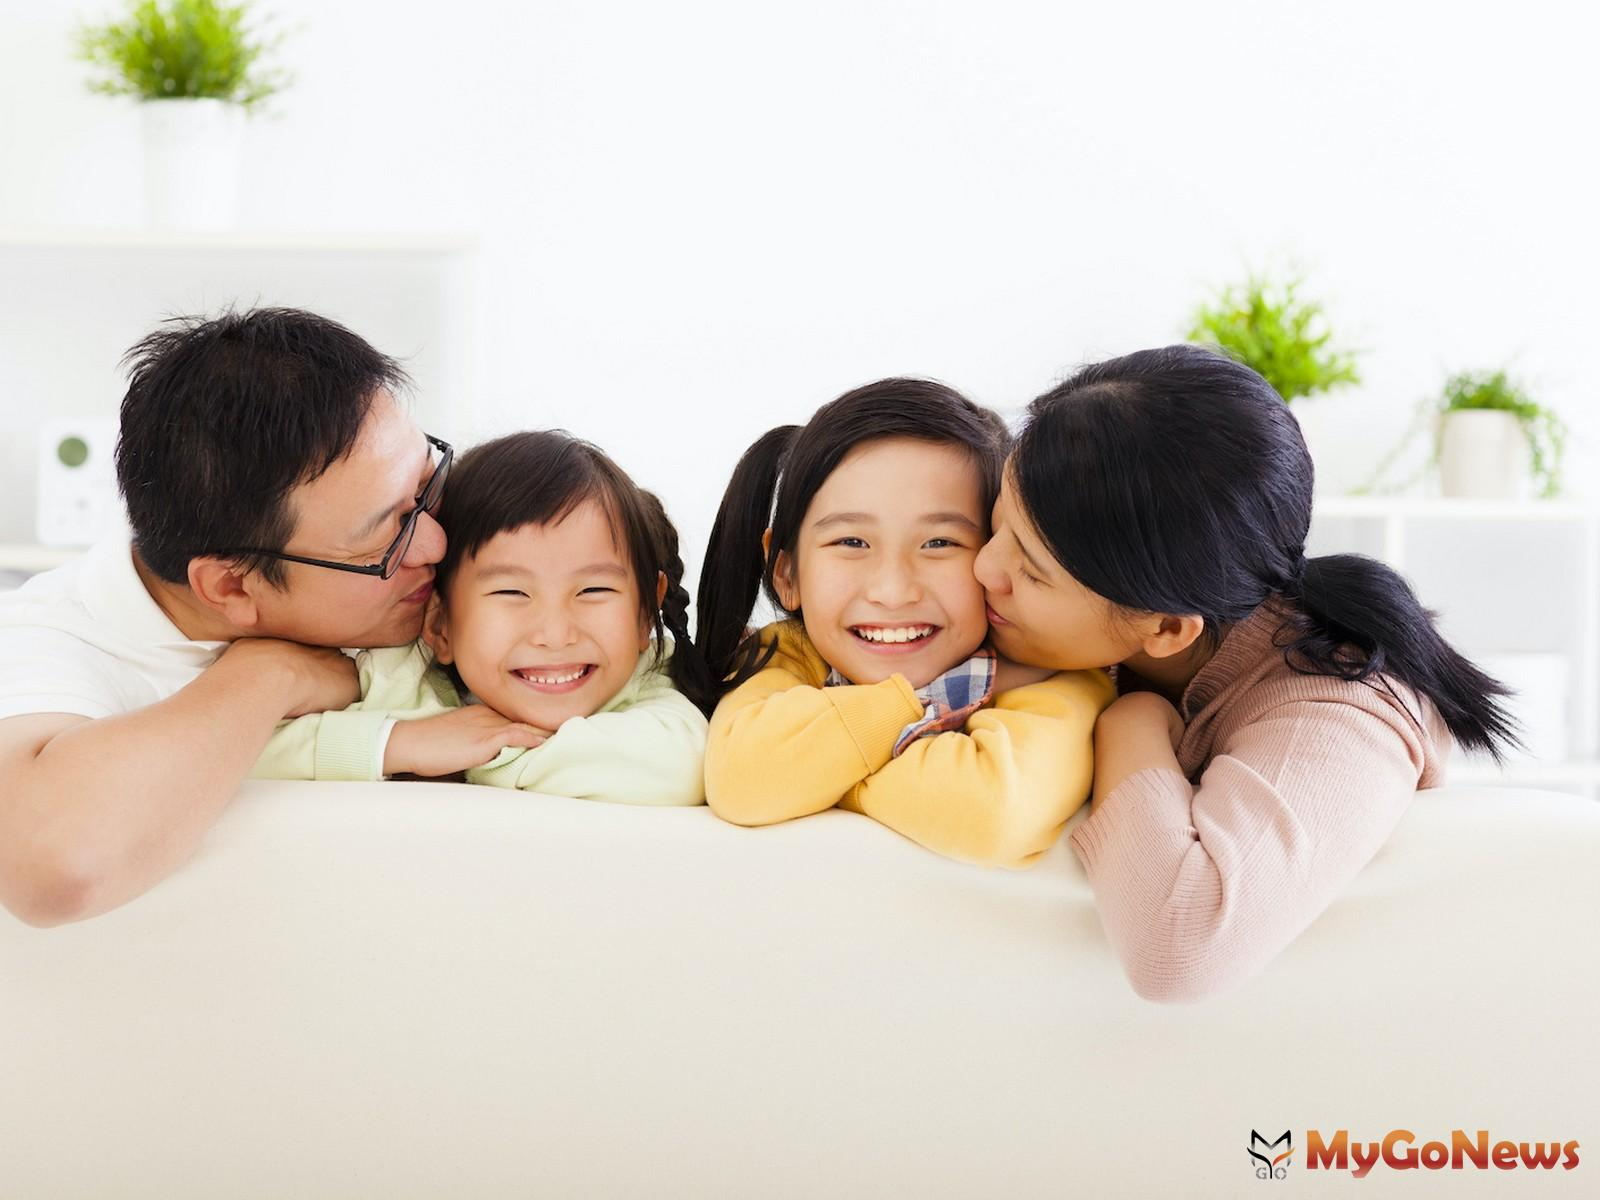 高房價低所得讓年輕人只能「孩子、房子」二選一?(圖片來源!21世紀不動產) MyGoNews房地產新聞 趨勢報導